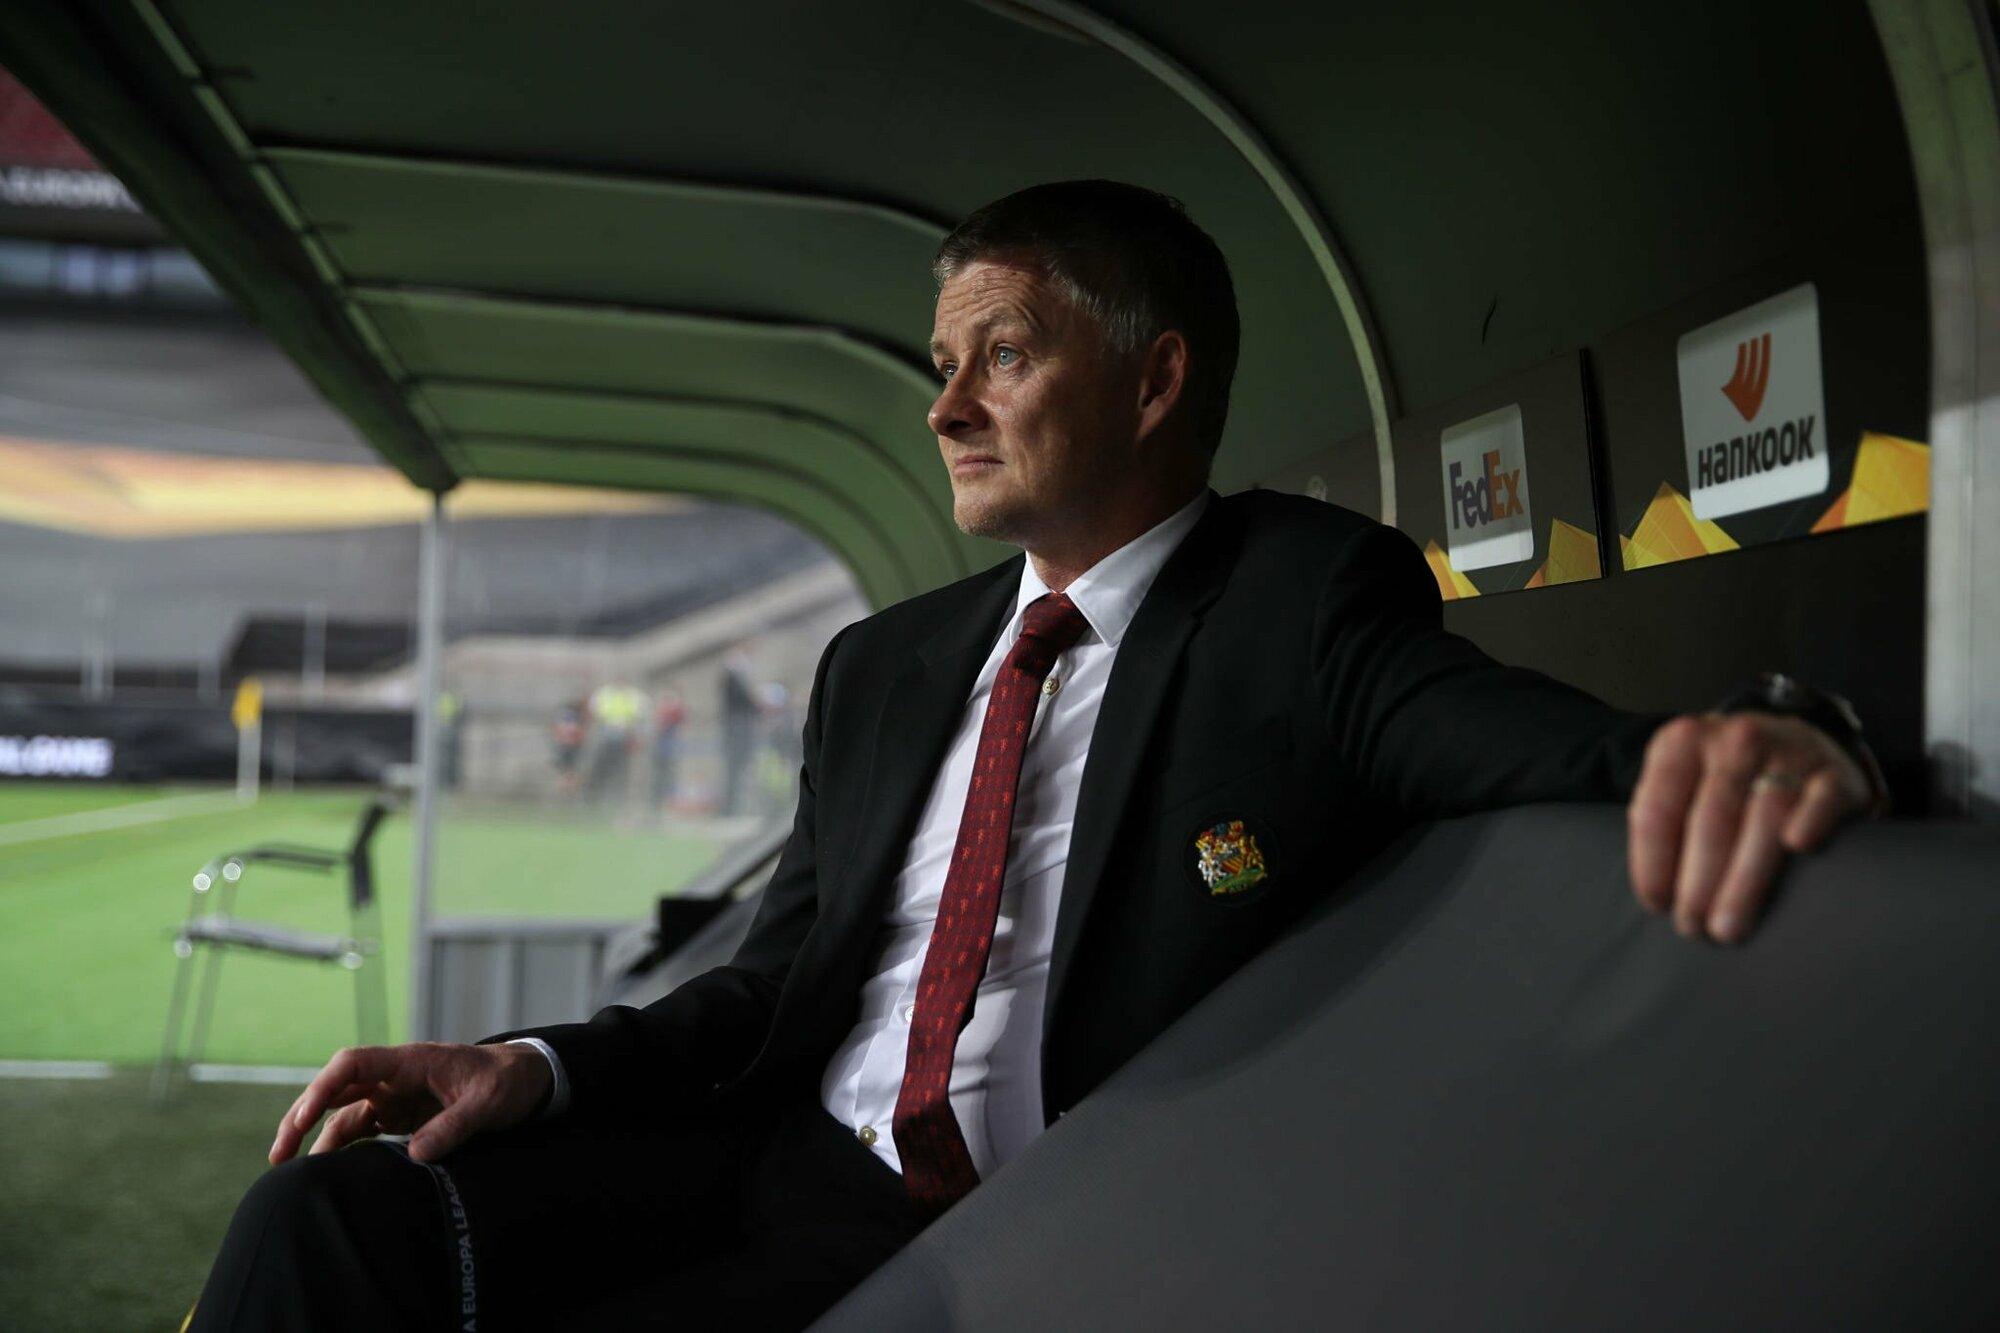 Kemenangan kemarin atas Roma 6-2 adalah yang kesembilan kalinya di bawah asuhan Solskjaer, Man Utd menang dengan lima gol.  Foto: AFP